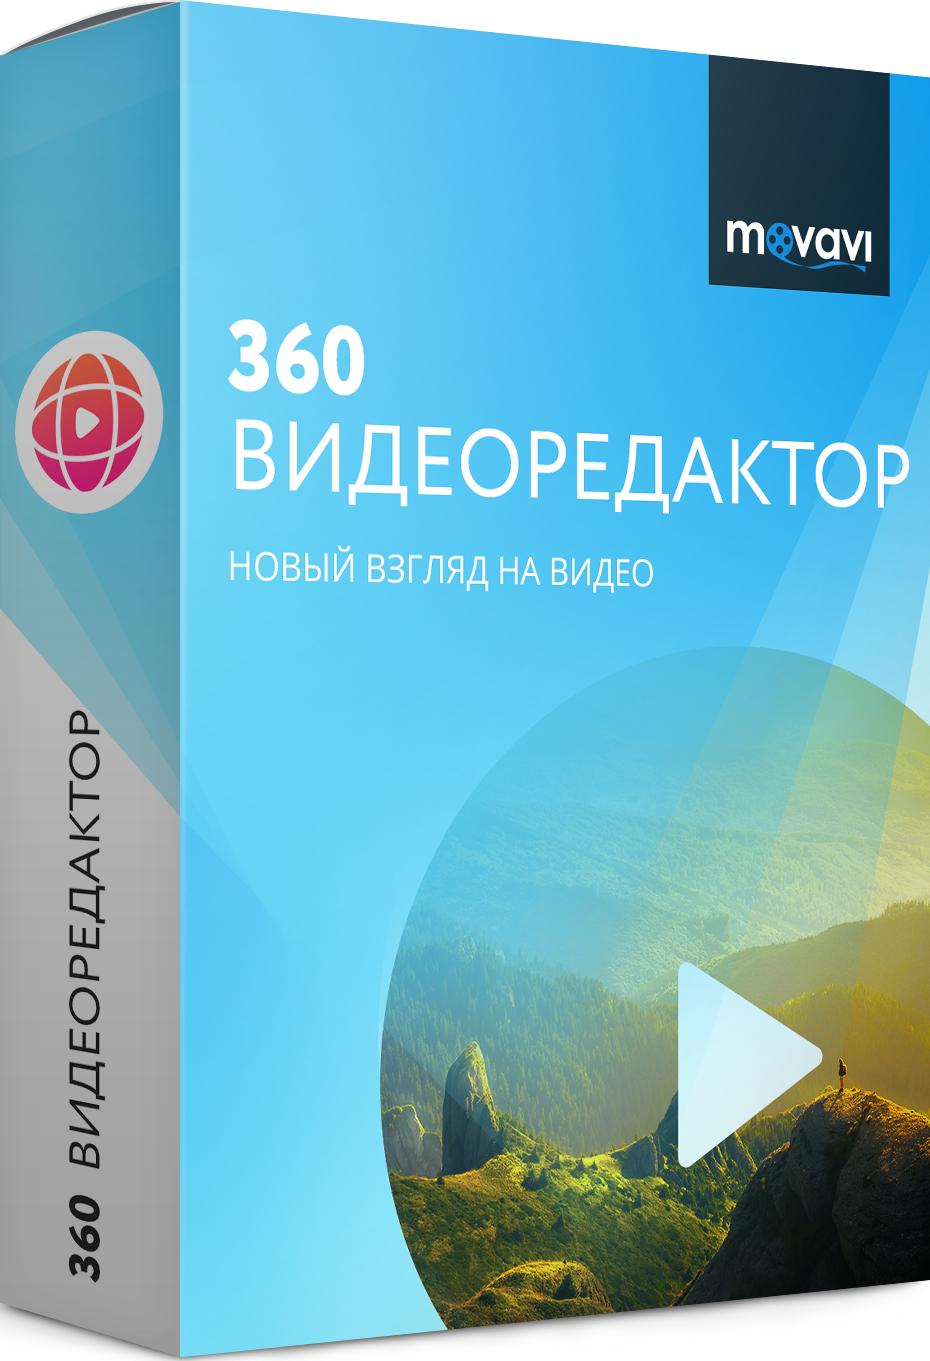 """Movavi 360 Видеоредактор. Бизнес лицензия [Цифровая версия] (Цифровая версия)Movavi 360 Видеоредактор &amp;ndash; это программа для редактирования панорамного видео, с помощью которой вы сможете создавать эффектные 3D ролики из видео и фото 360°. Удобный плеер для предпросмотра обеспечивает полный контроль над созданием ролика, а поддержка Ultra HD – результат в превосходном качестве. Для работы вам понадобится """"сшитое"""" видео с камер, немного фантазии, а в остальном вам поможет этот редактор!<br>"""